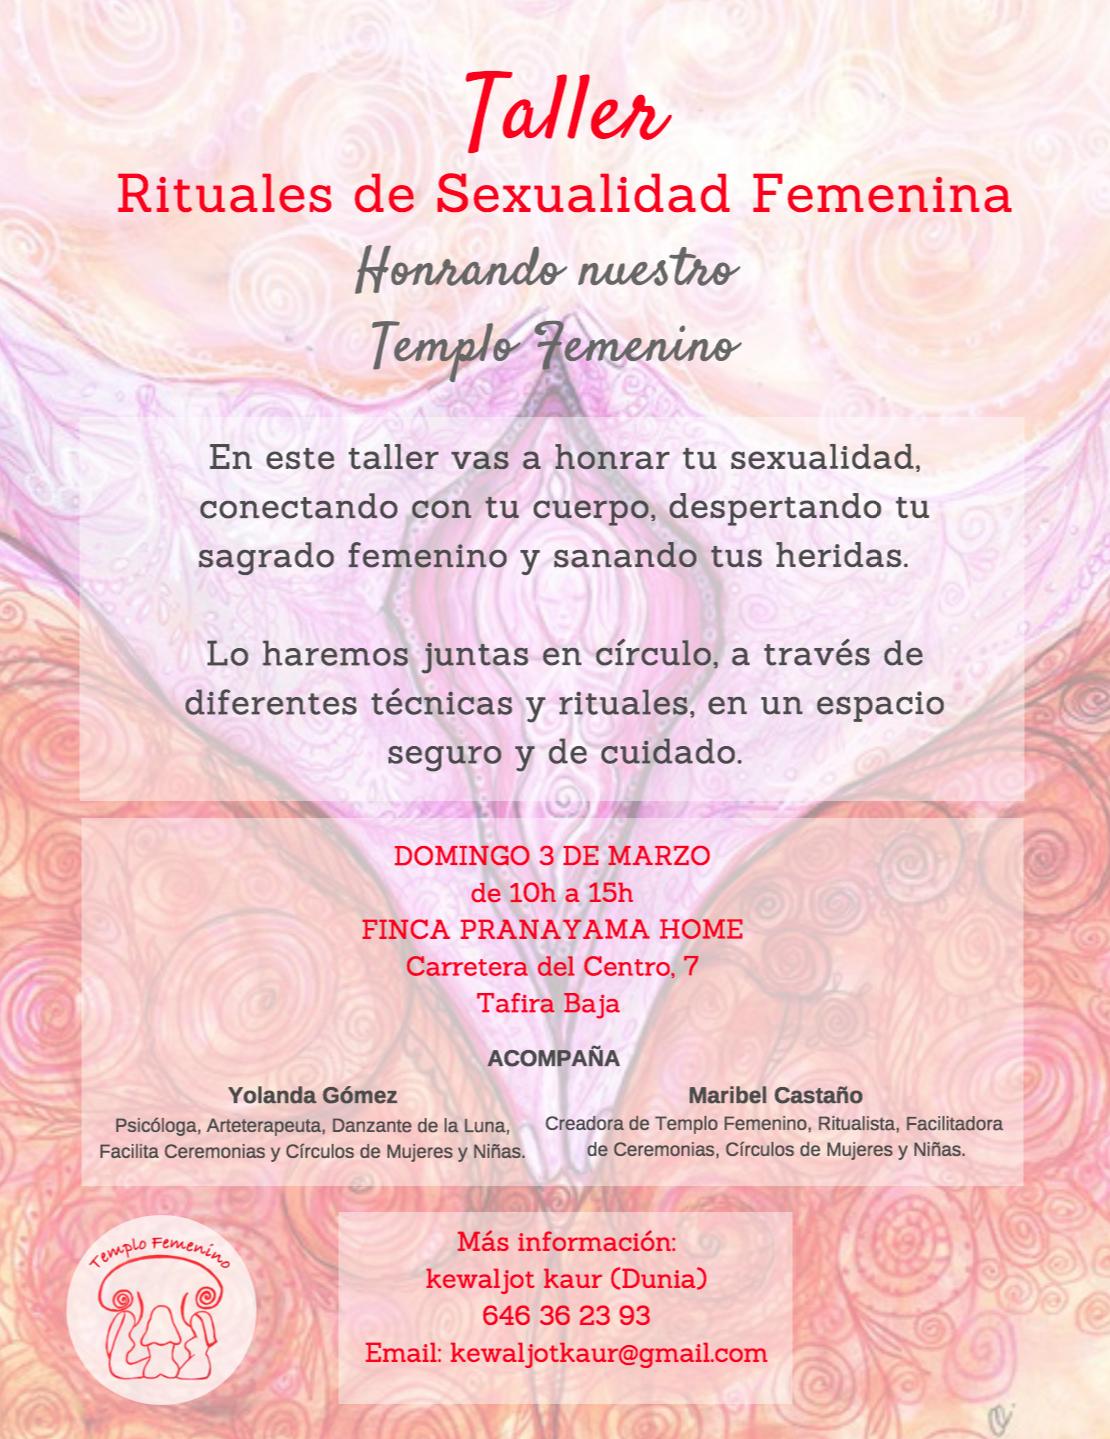 RITUALES DE SEXUALIDAD FEMENINA